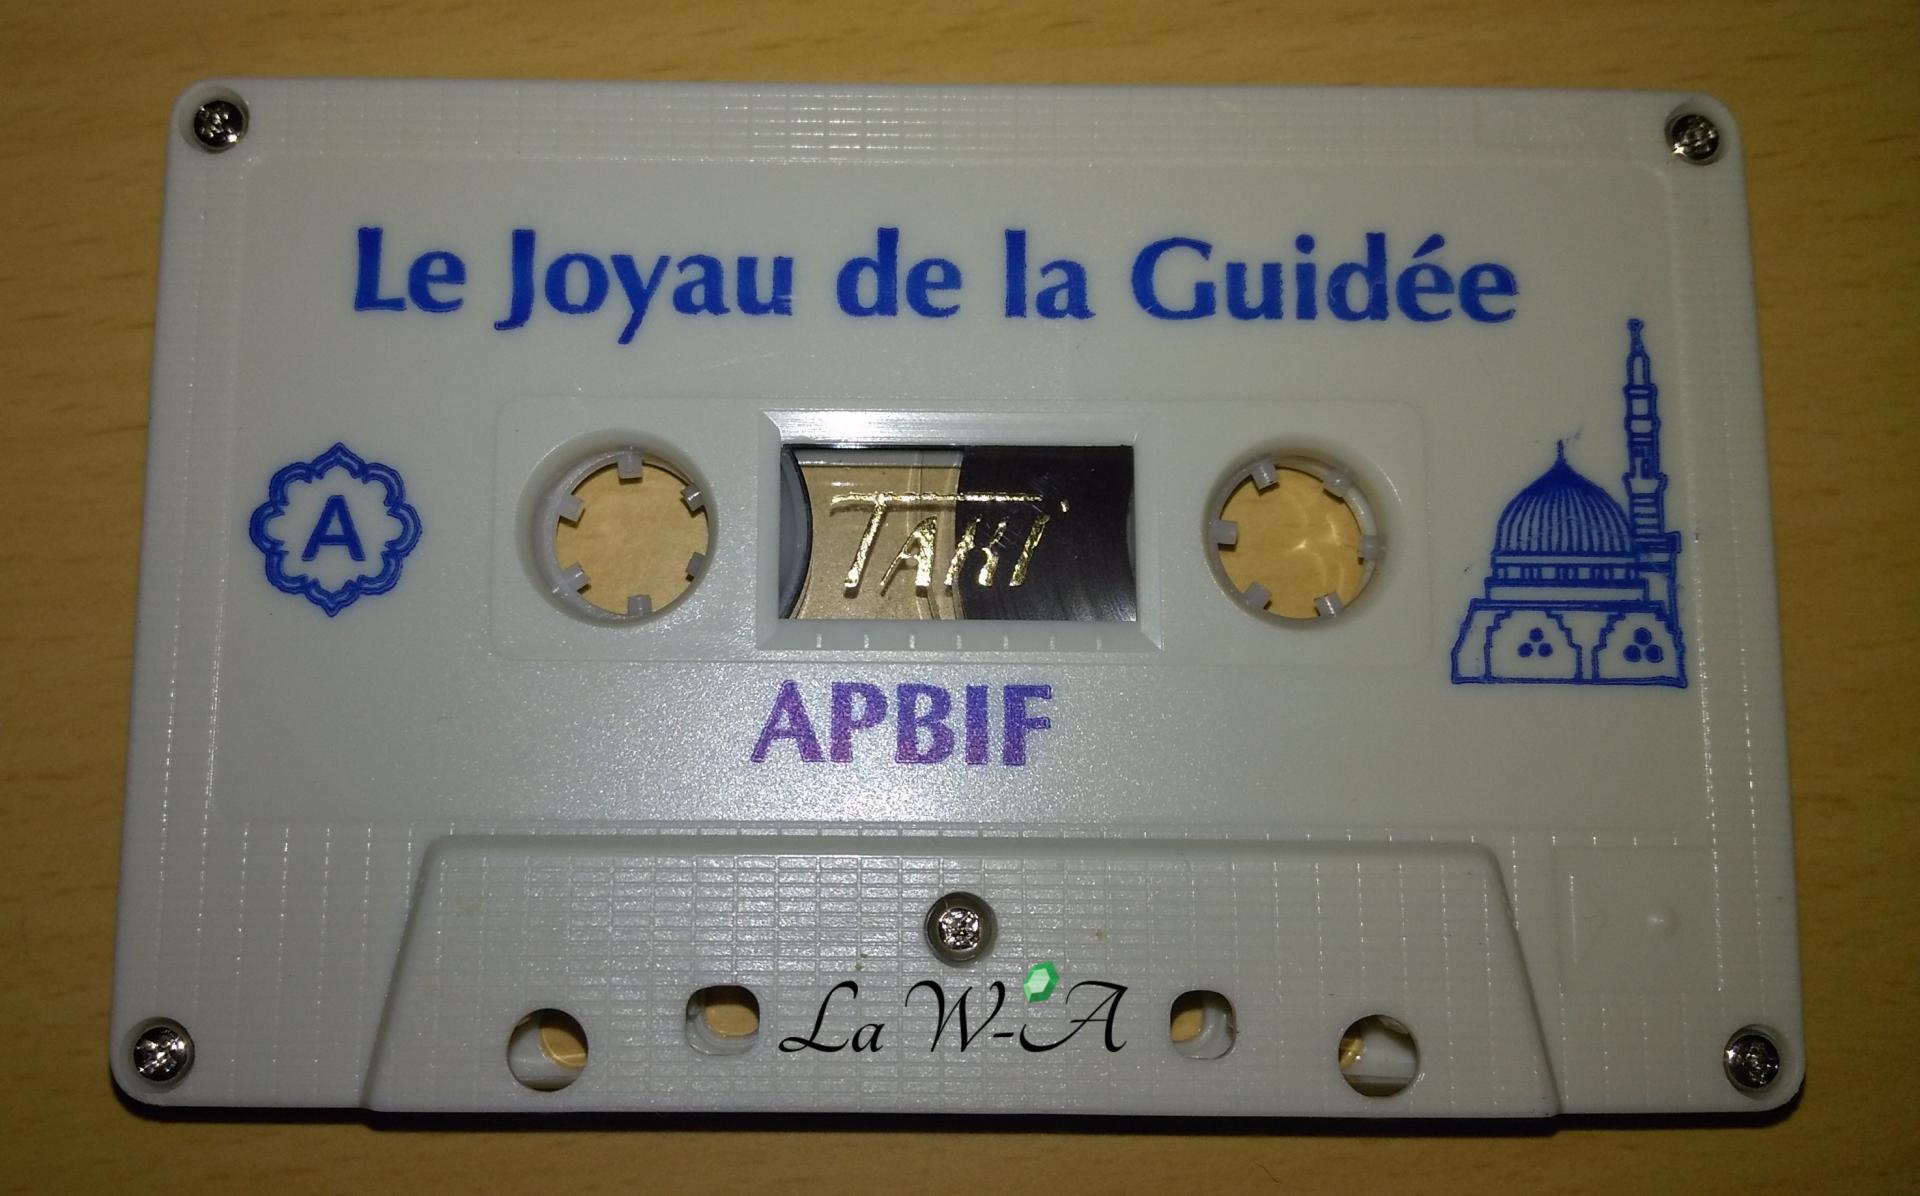 Joyeau de la guidee logo